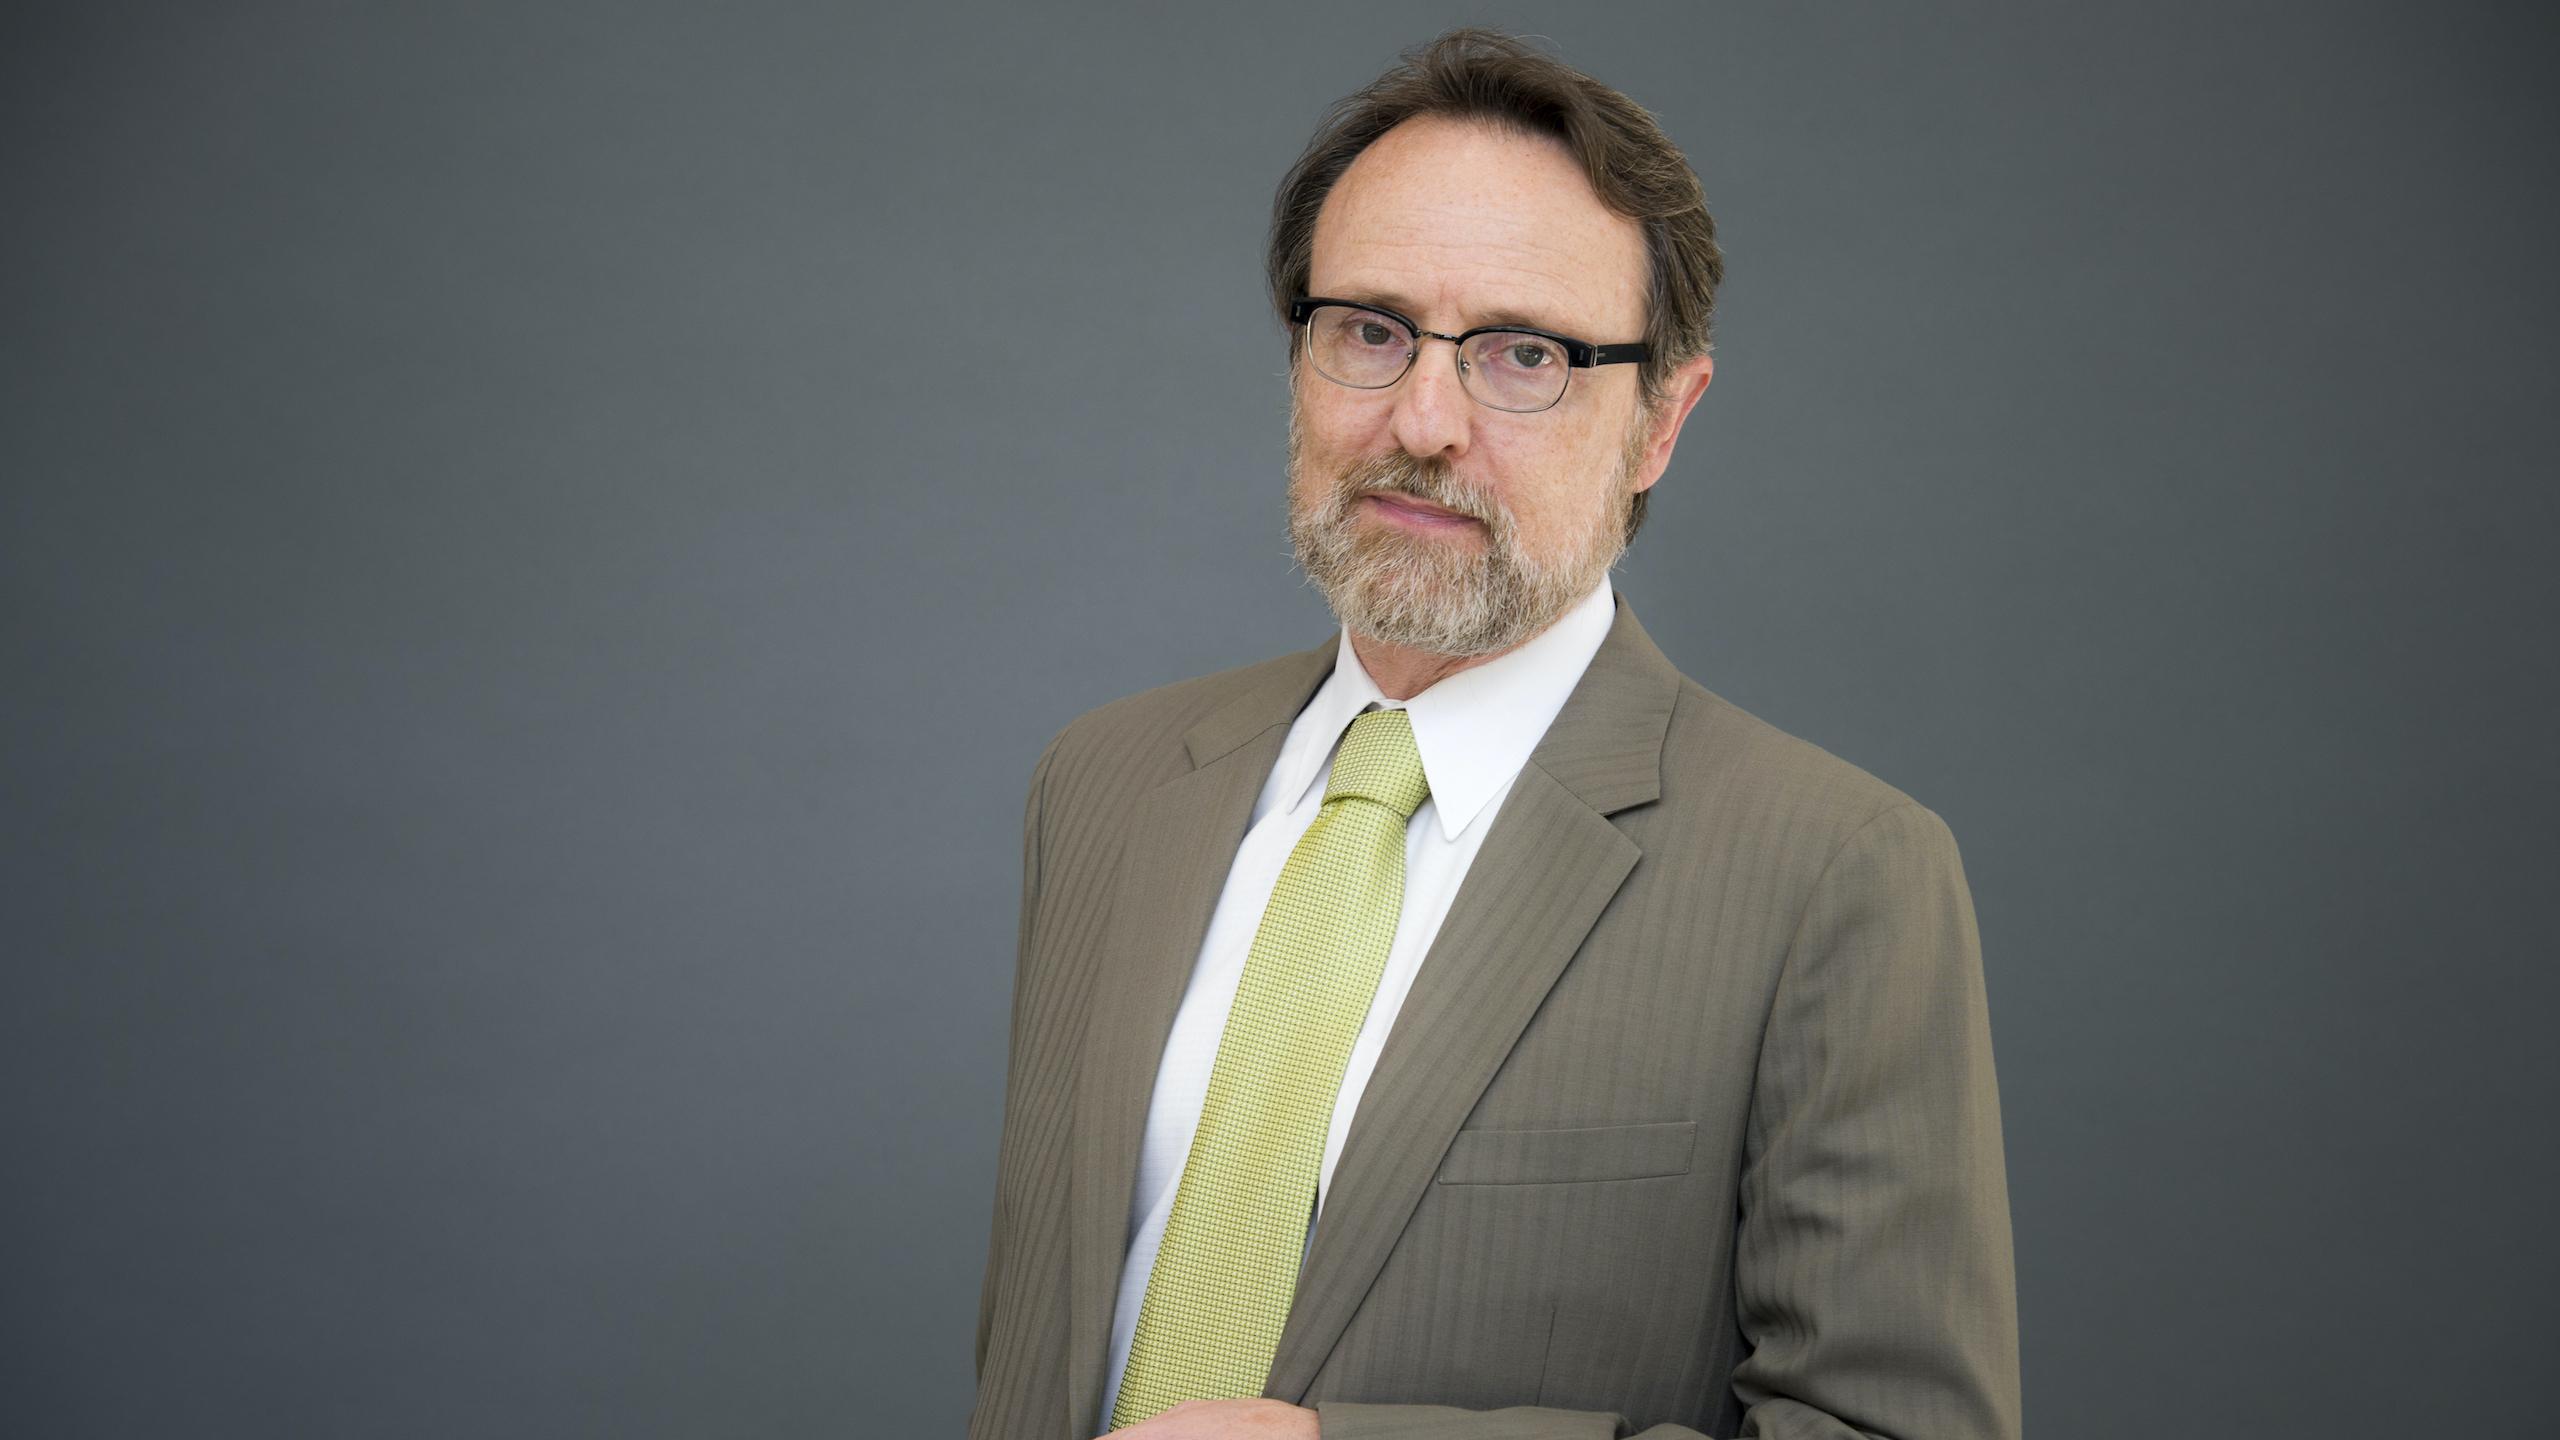 Peter Cappelli